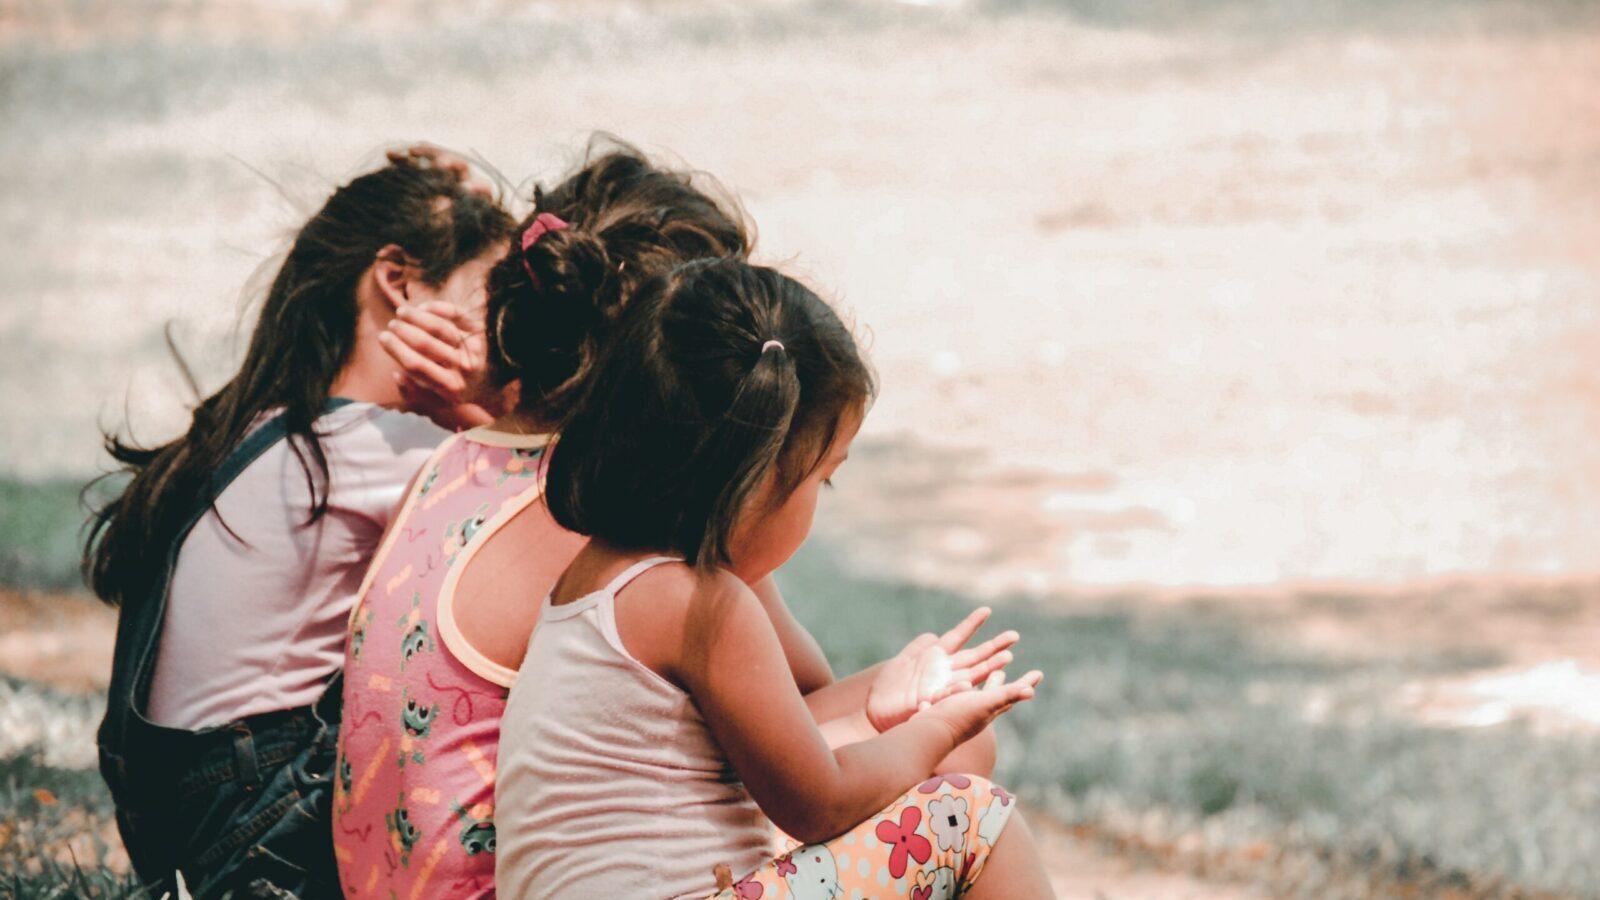 Insegnare la gentilezza ai bambini